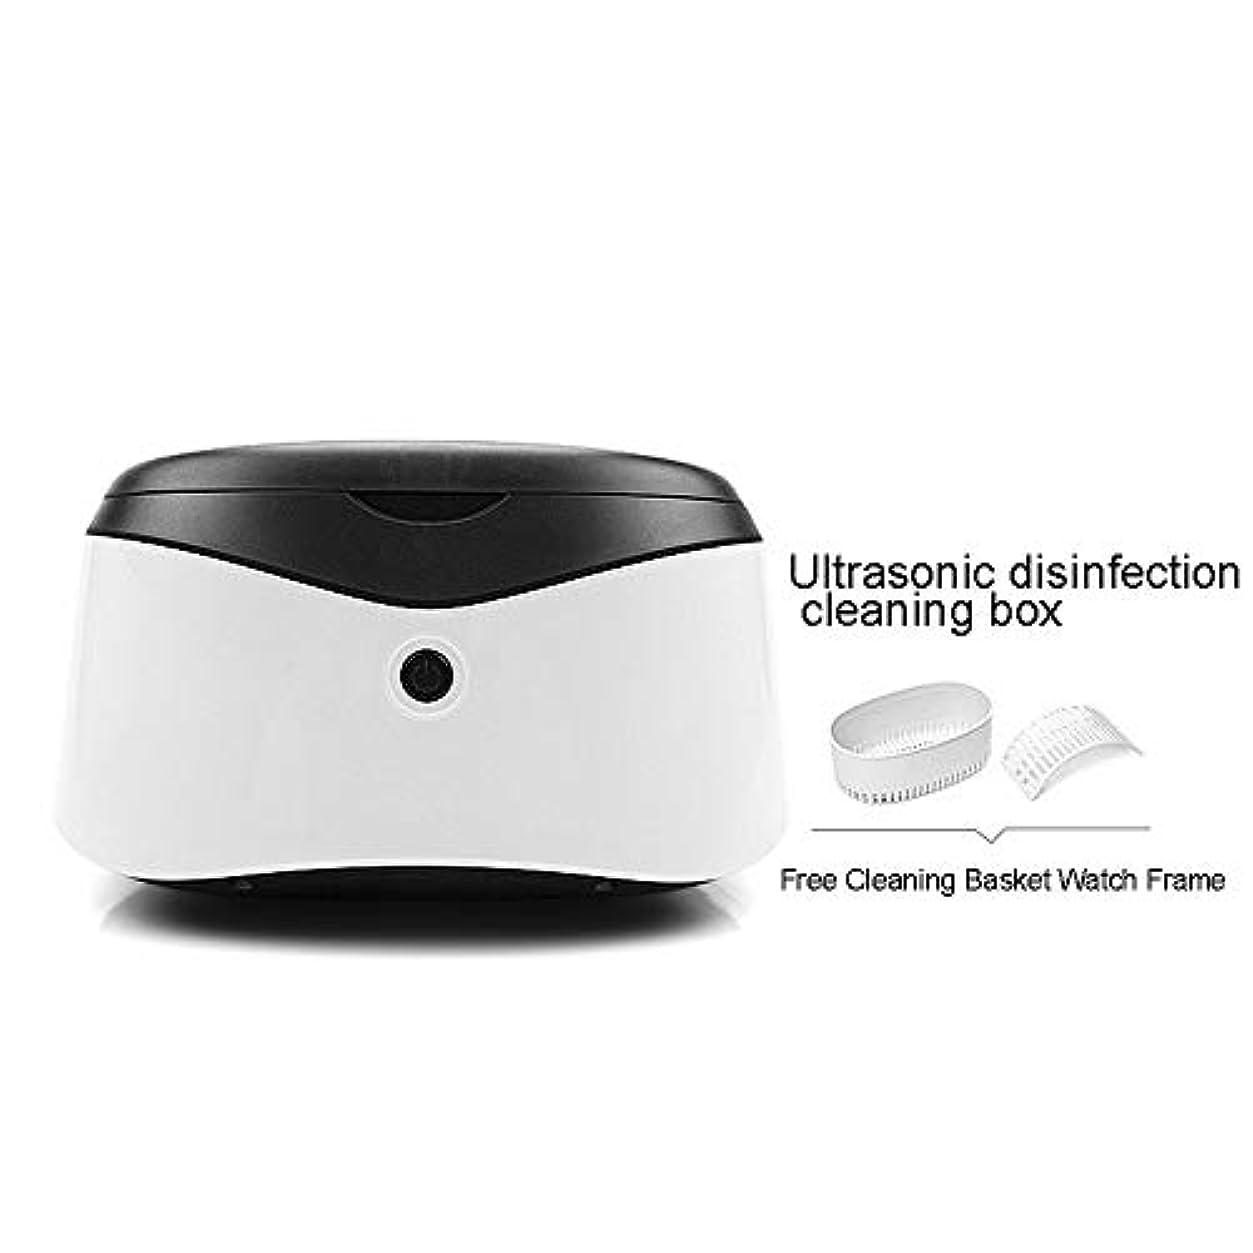 ネイル滅菌ボックス、600 Ml超音波クリーナー、美容ツール滅菌器、高温UVクリーニングツール滅菌器